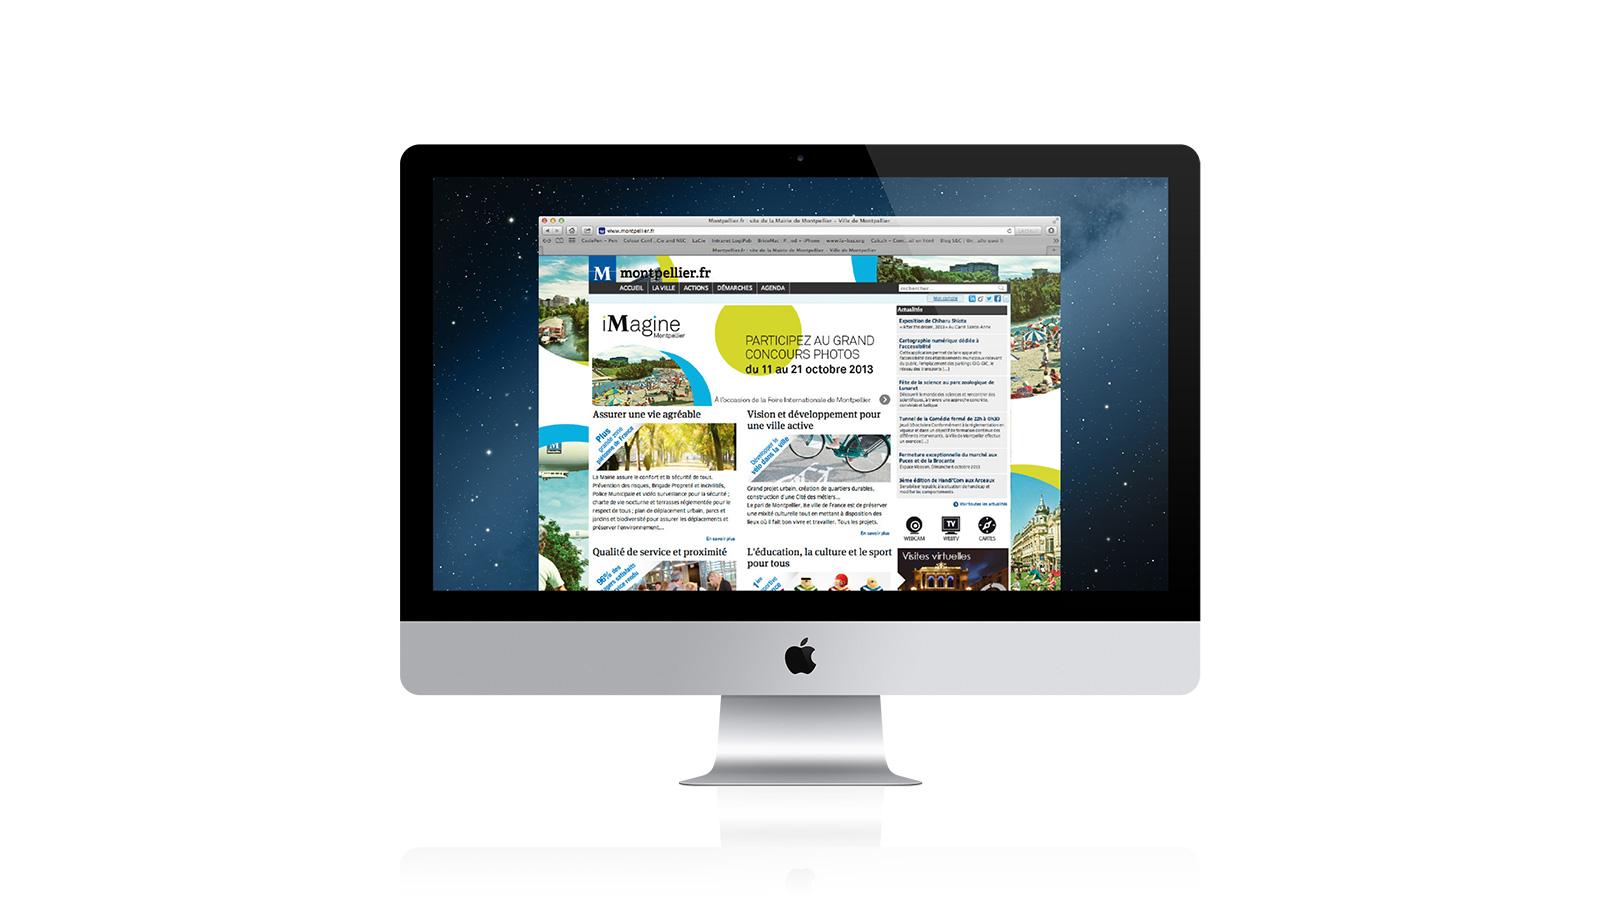 iMac-2012-big